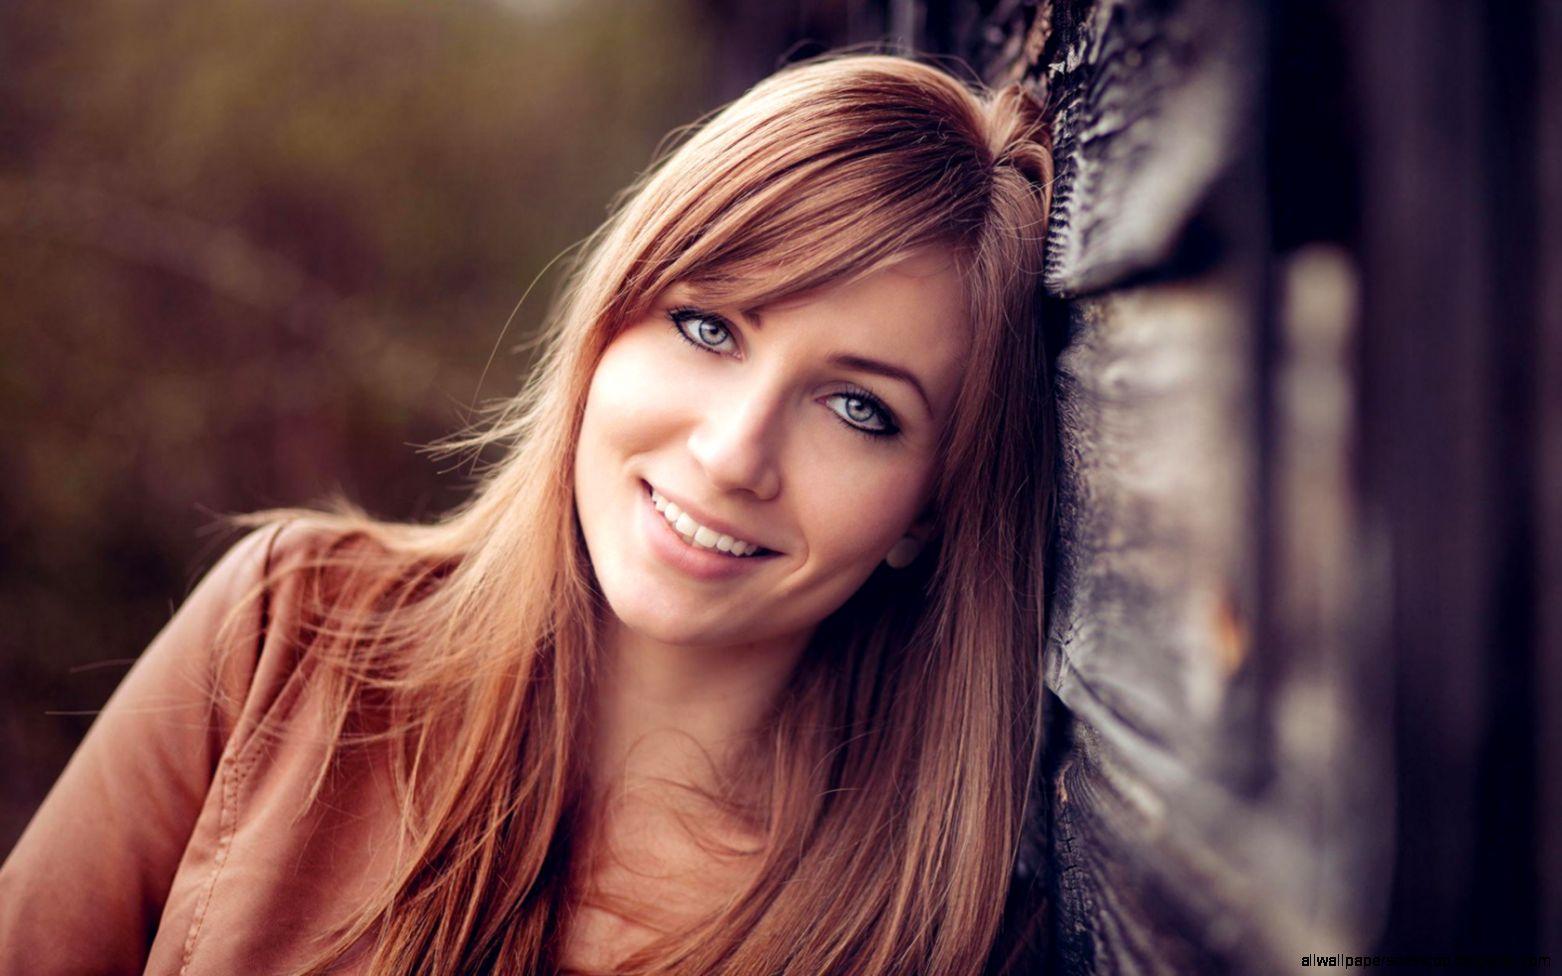 Girl Smile Portrait Mood Bokeh Hd Wallpaper  Best Desktop Wallpapers